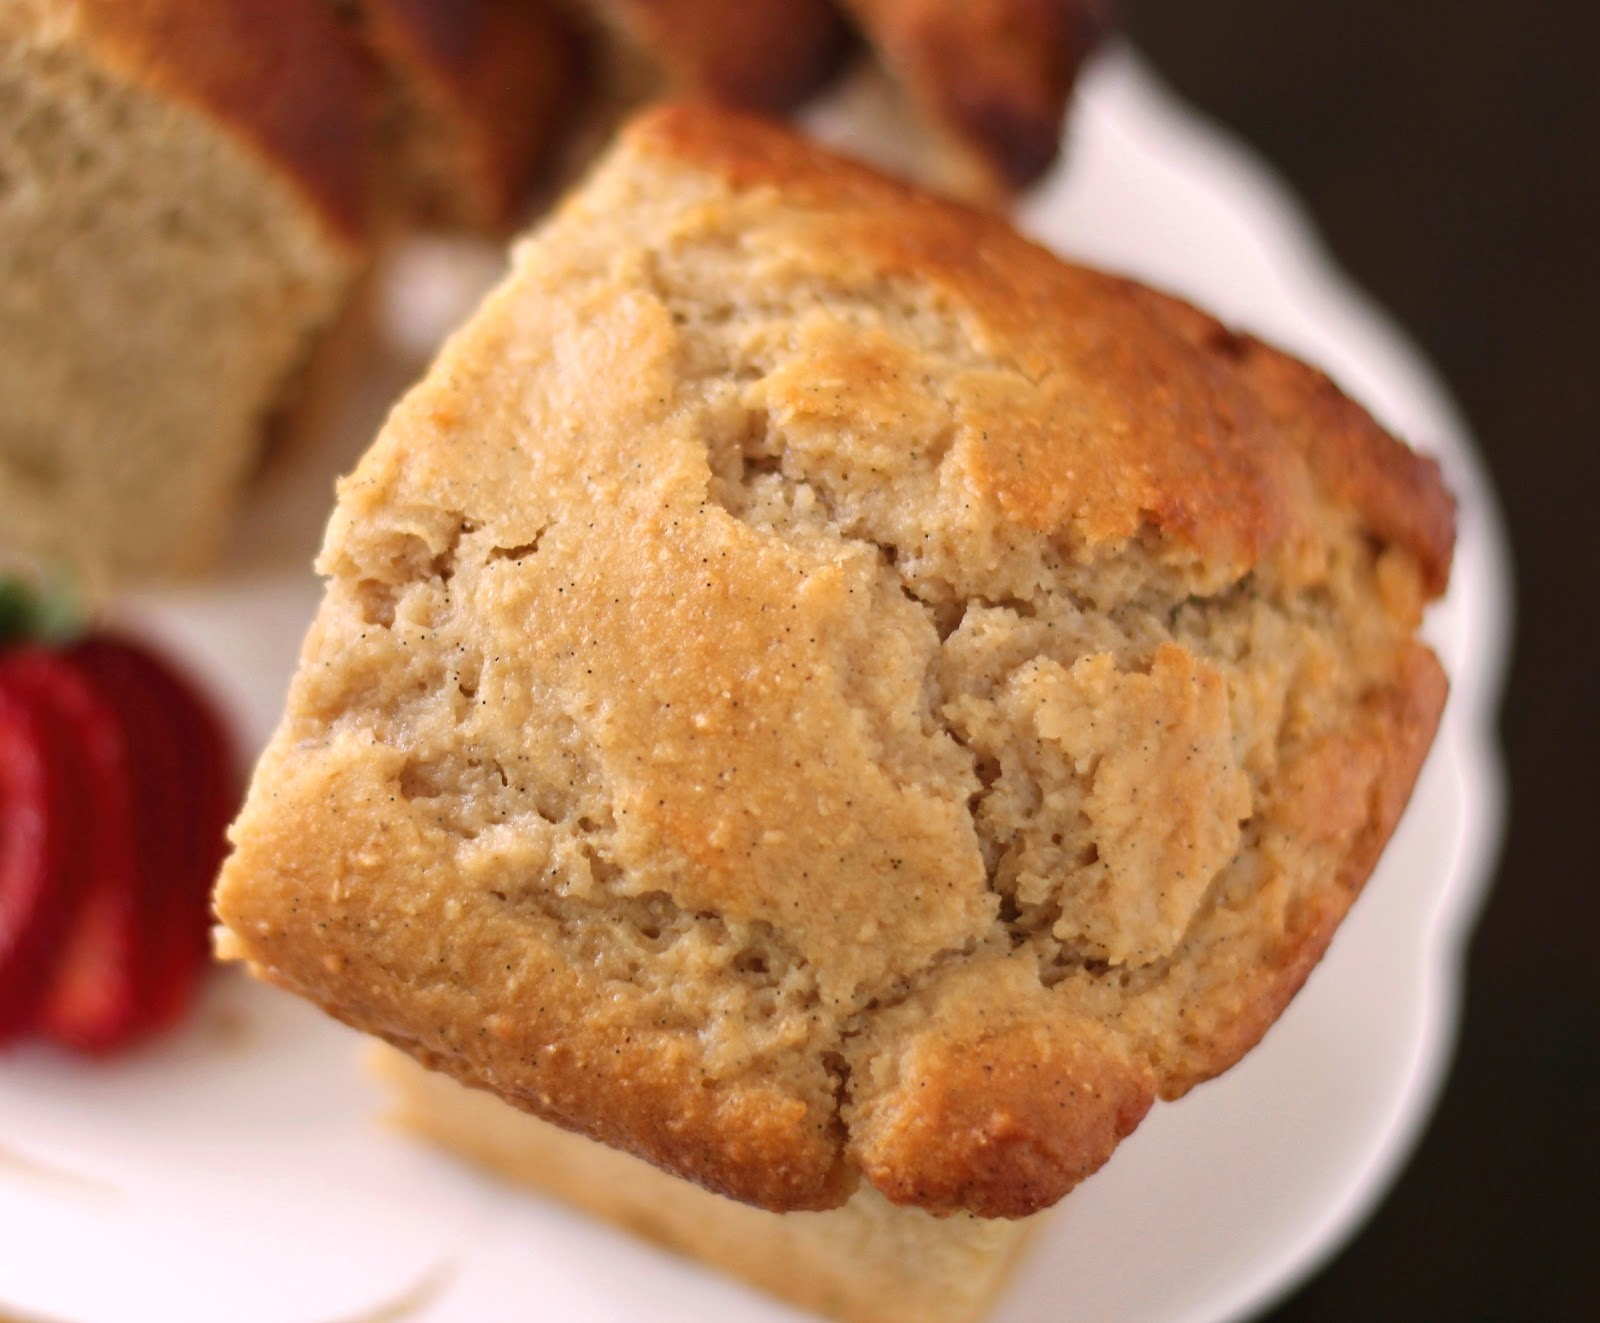 Healthy Vanilla Bean Pound Cake - Desserts with Benefits